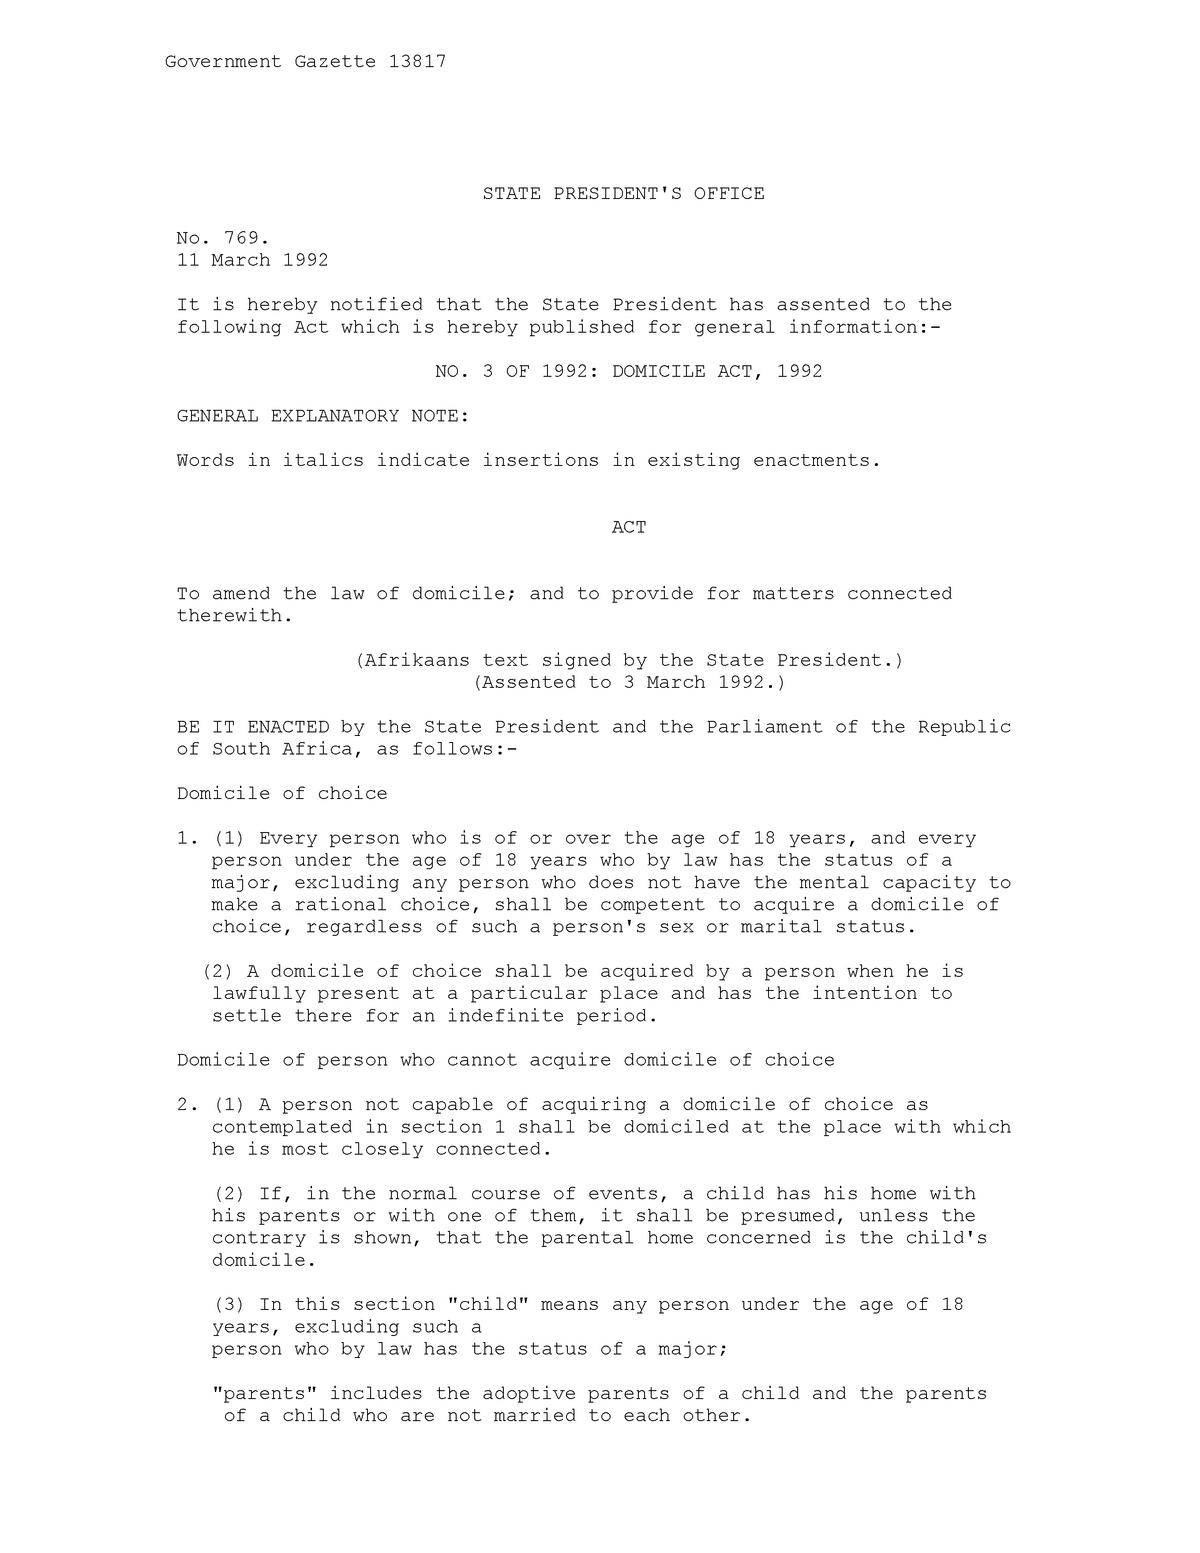 Domicile Act 10 of 10 - StuDocu